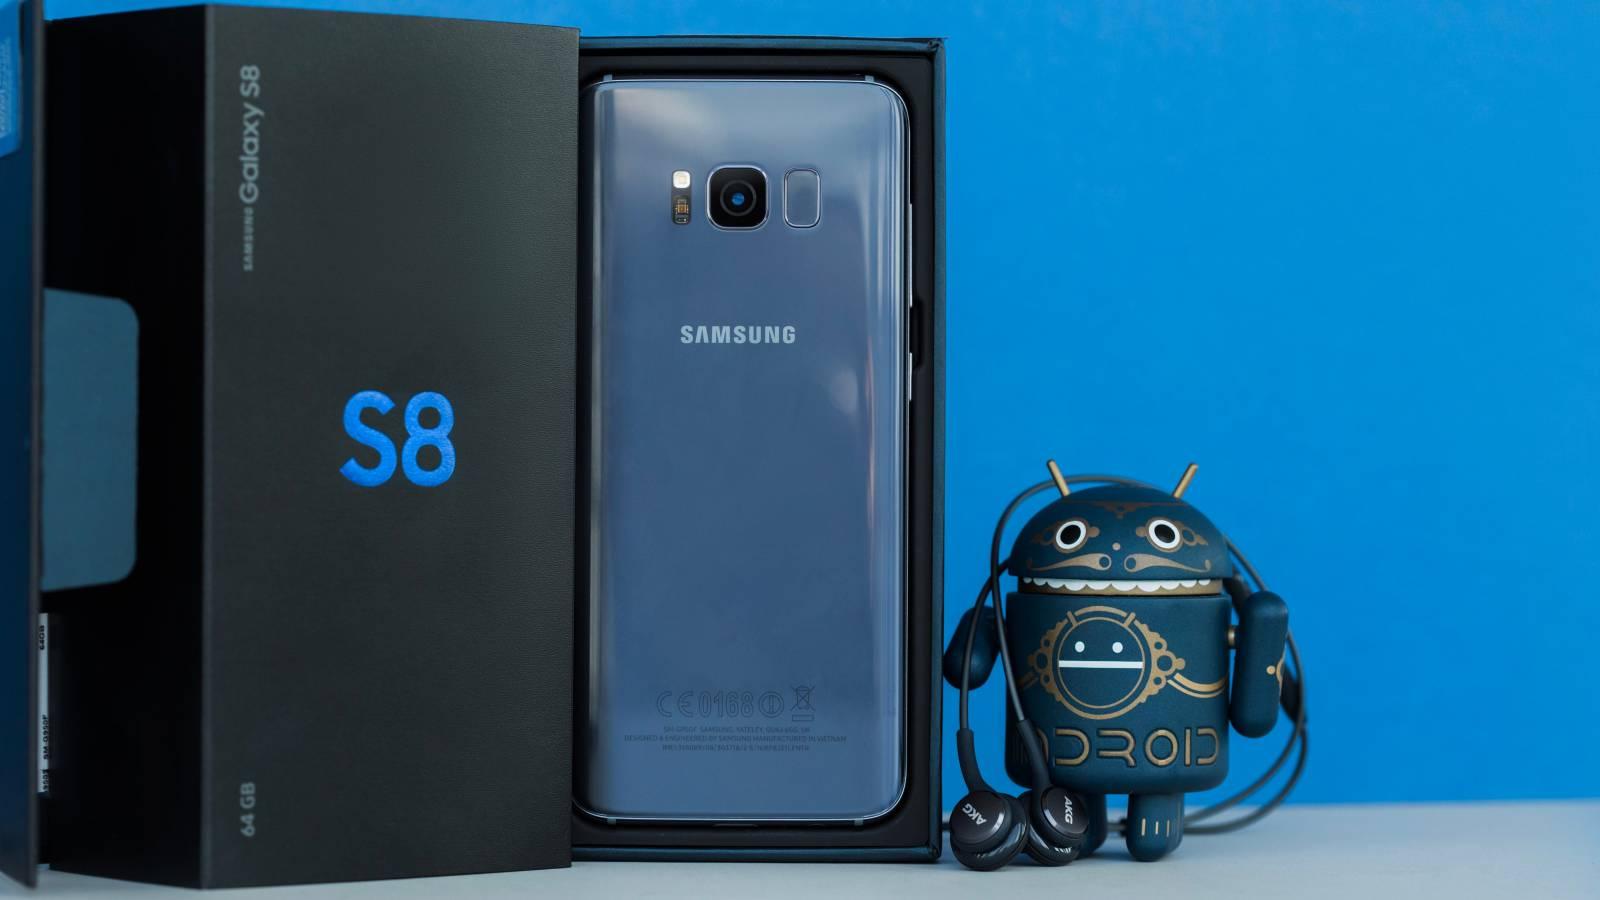 Samsung GALAXY S8 REDUCERI 1150 LEI eMAG